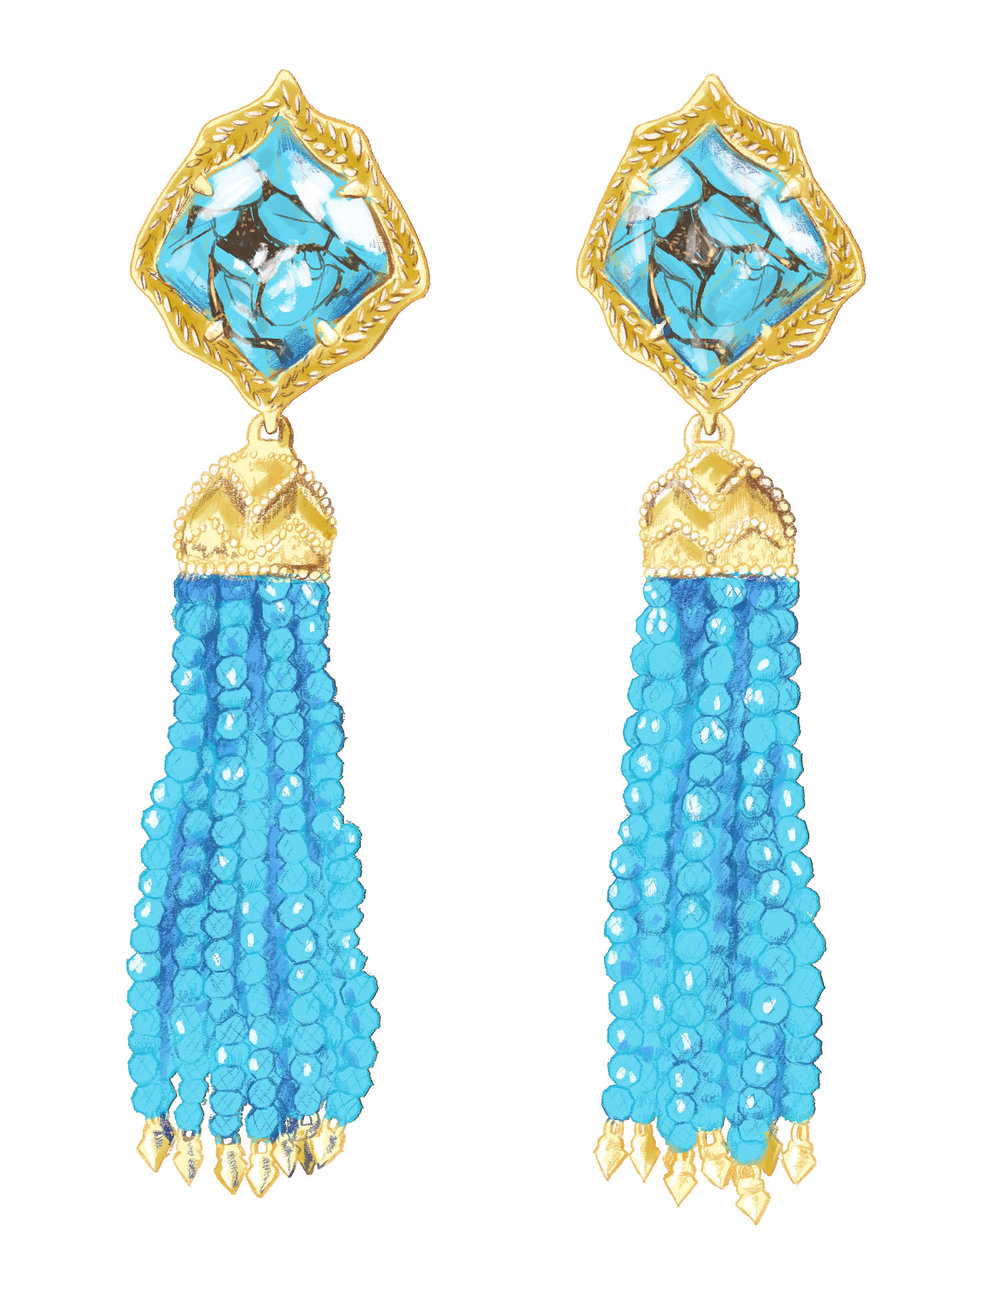 fig. 7. Misha Earrings in turqoise illustration